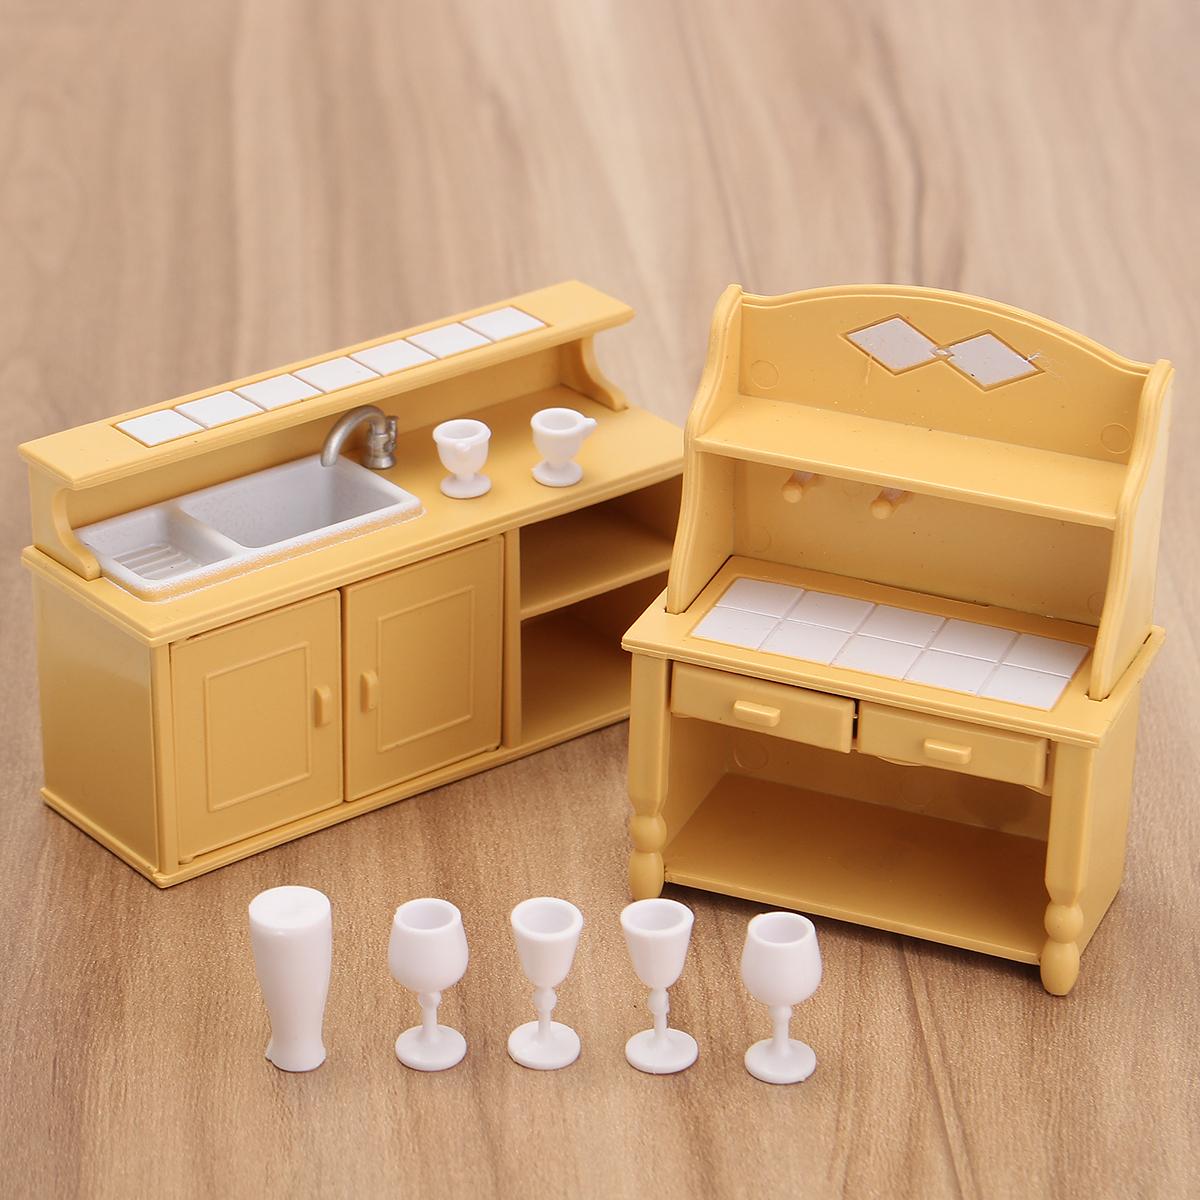 Tempsa miniture cabinet accessoire maison de poup e for Accessoire maison